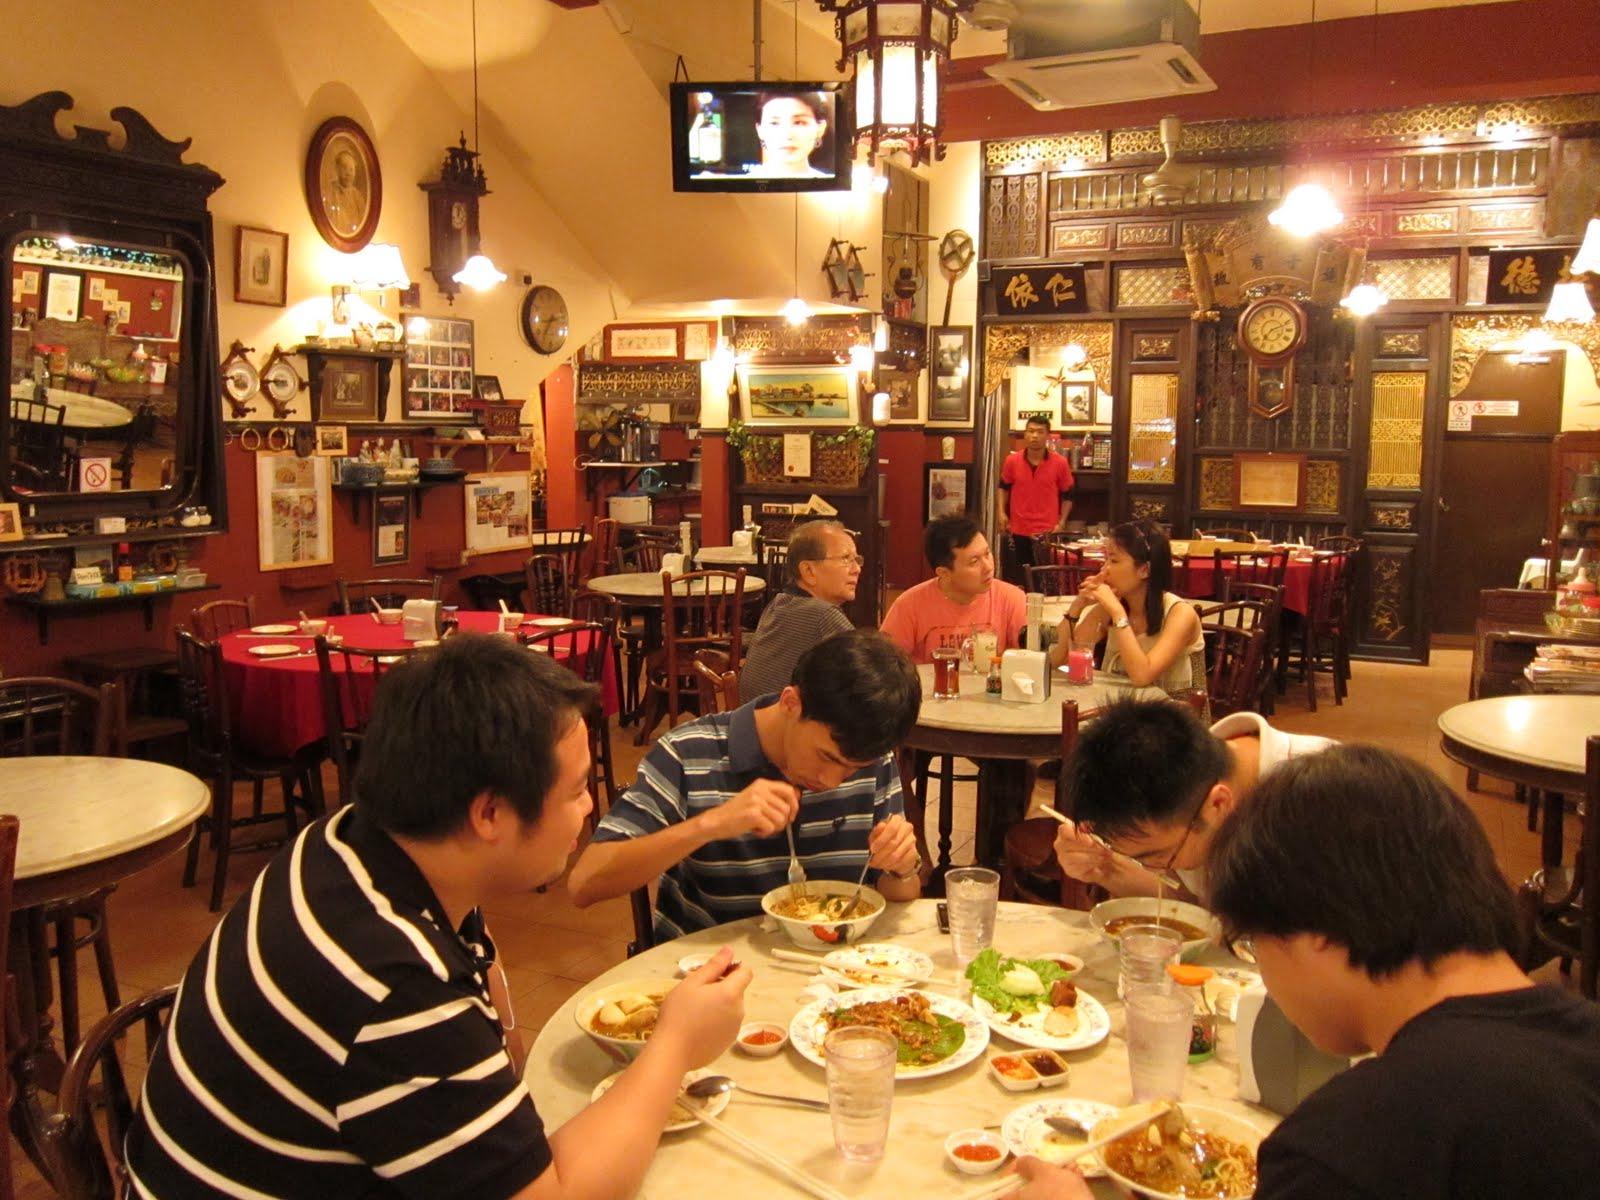 The wok cafe kota damansara food 2 buzz for Food bar kota damansara